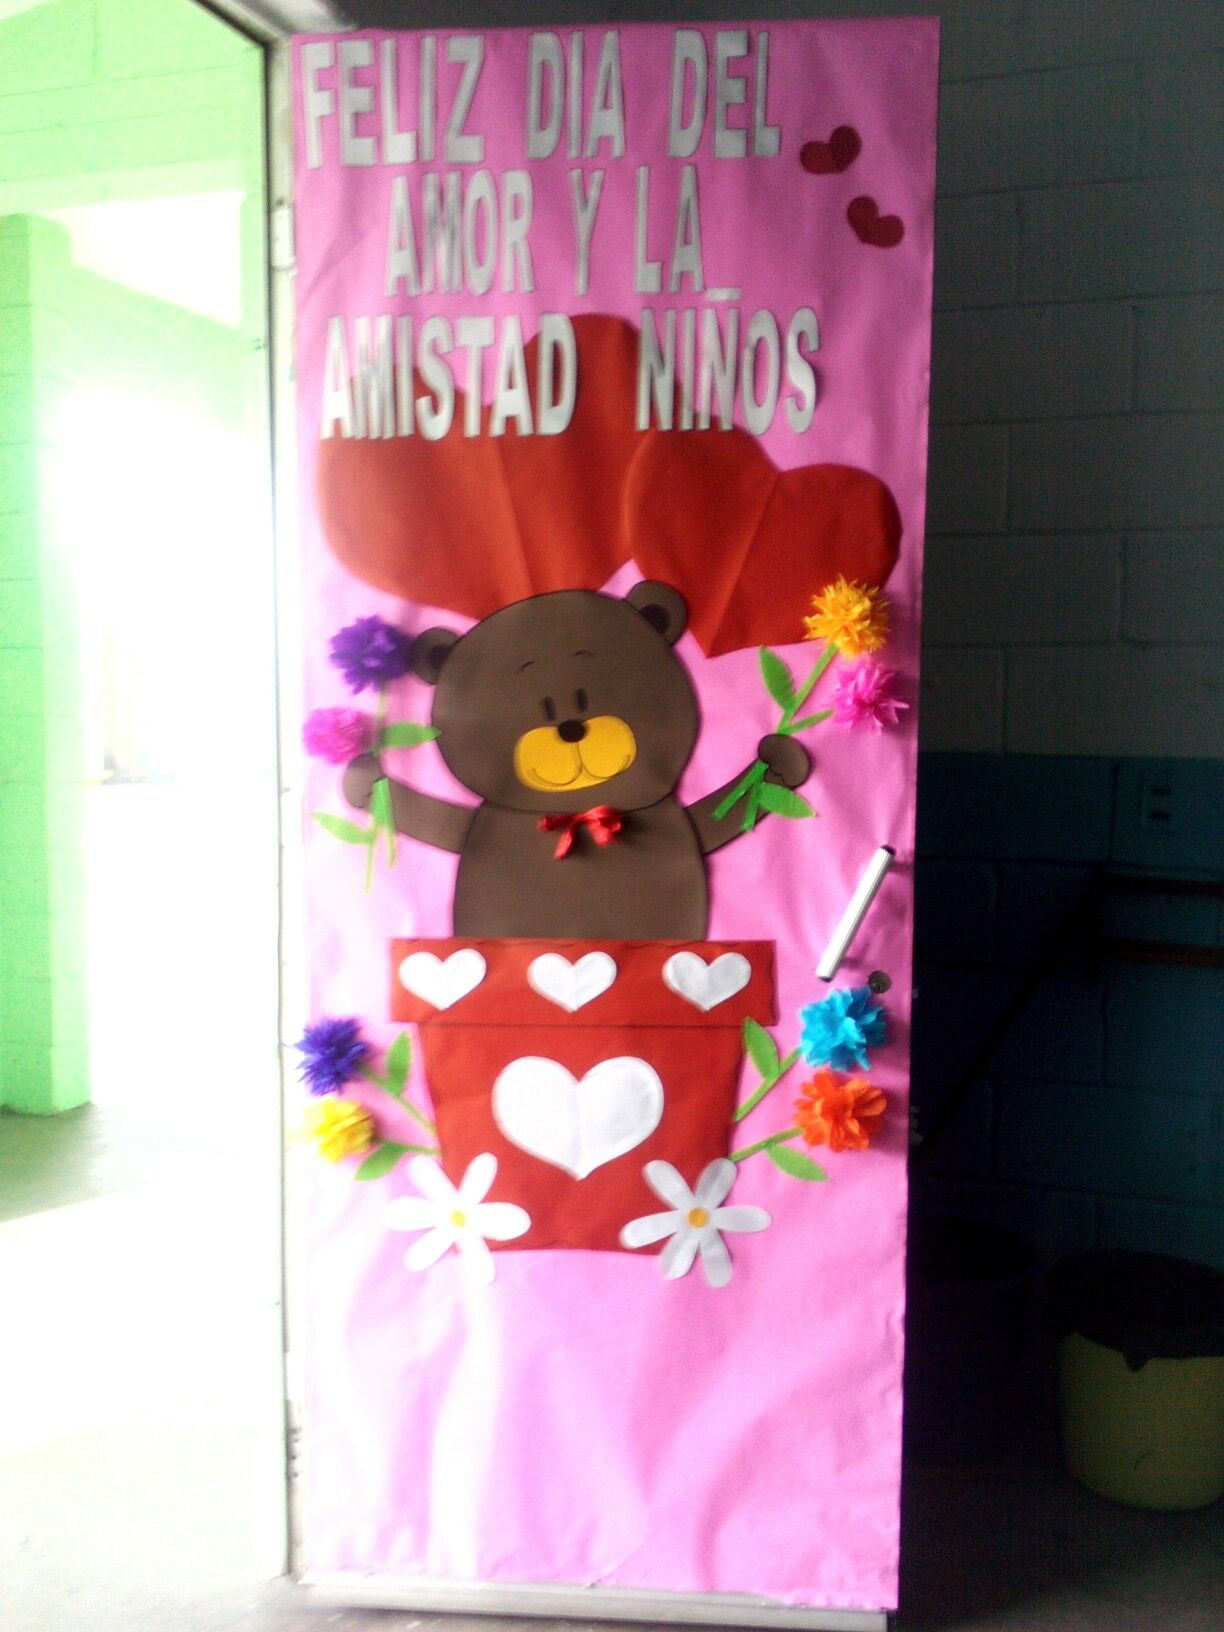 puerta para febrero dia del amor y la amistad puertas